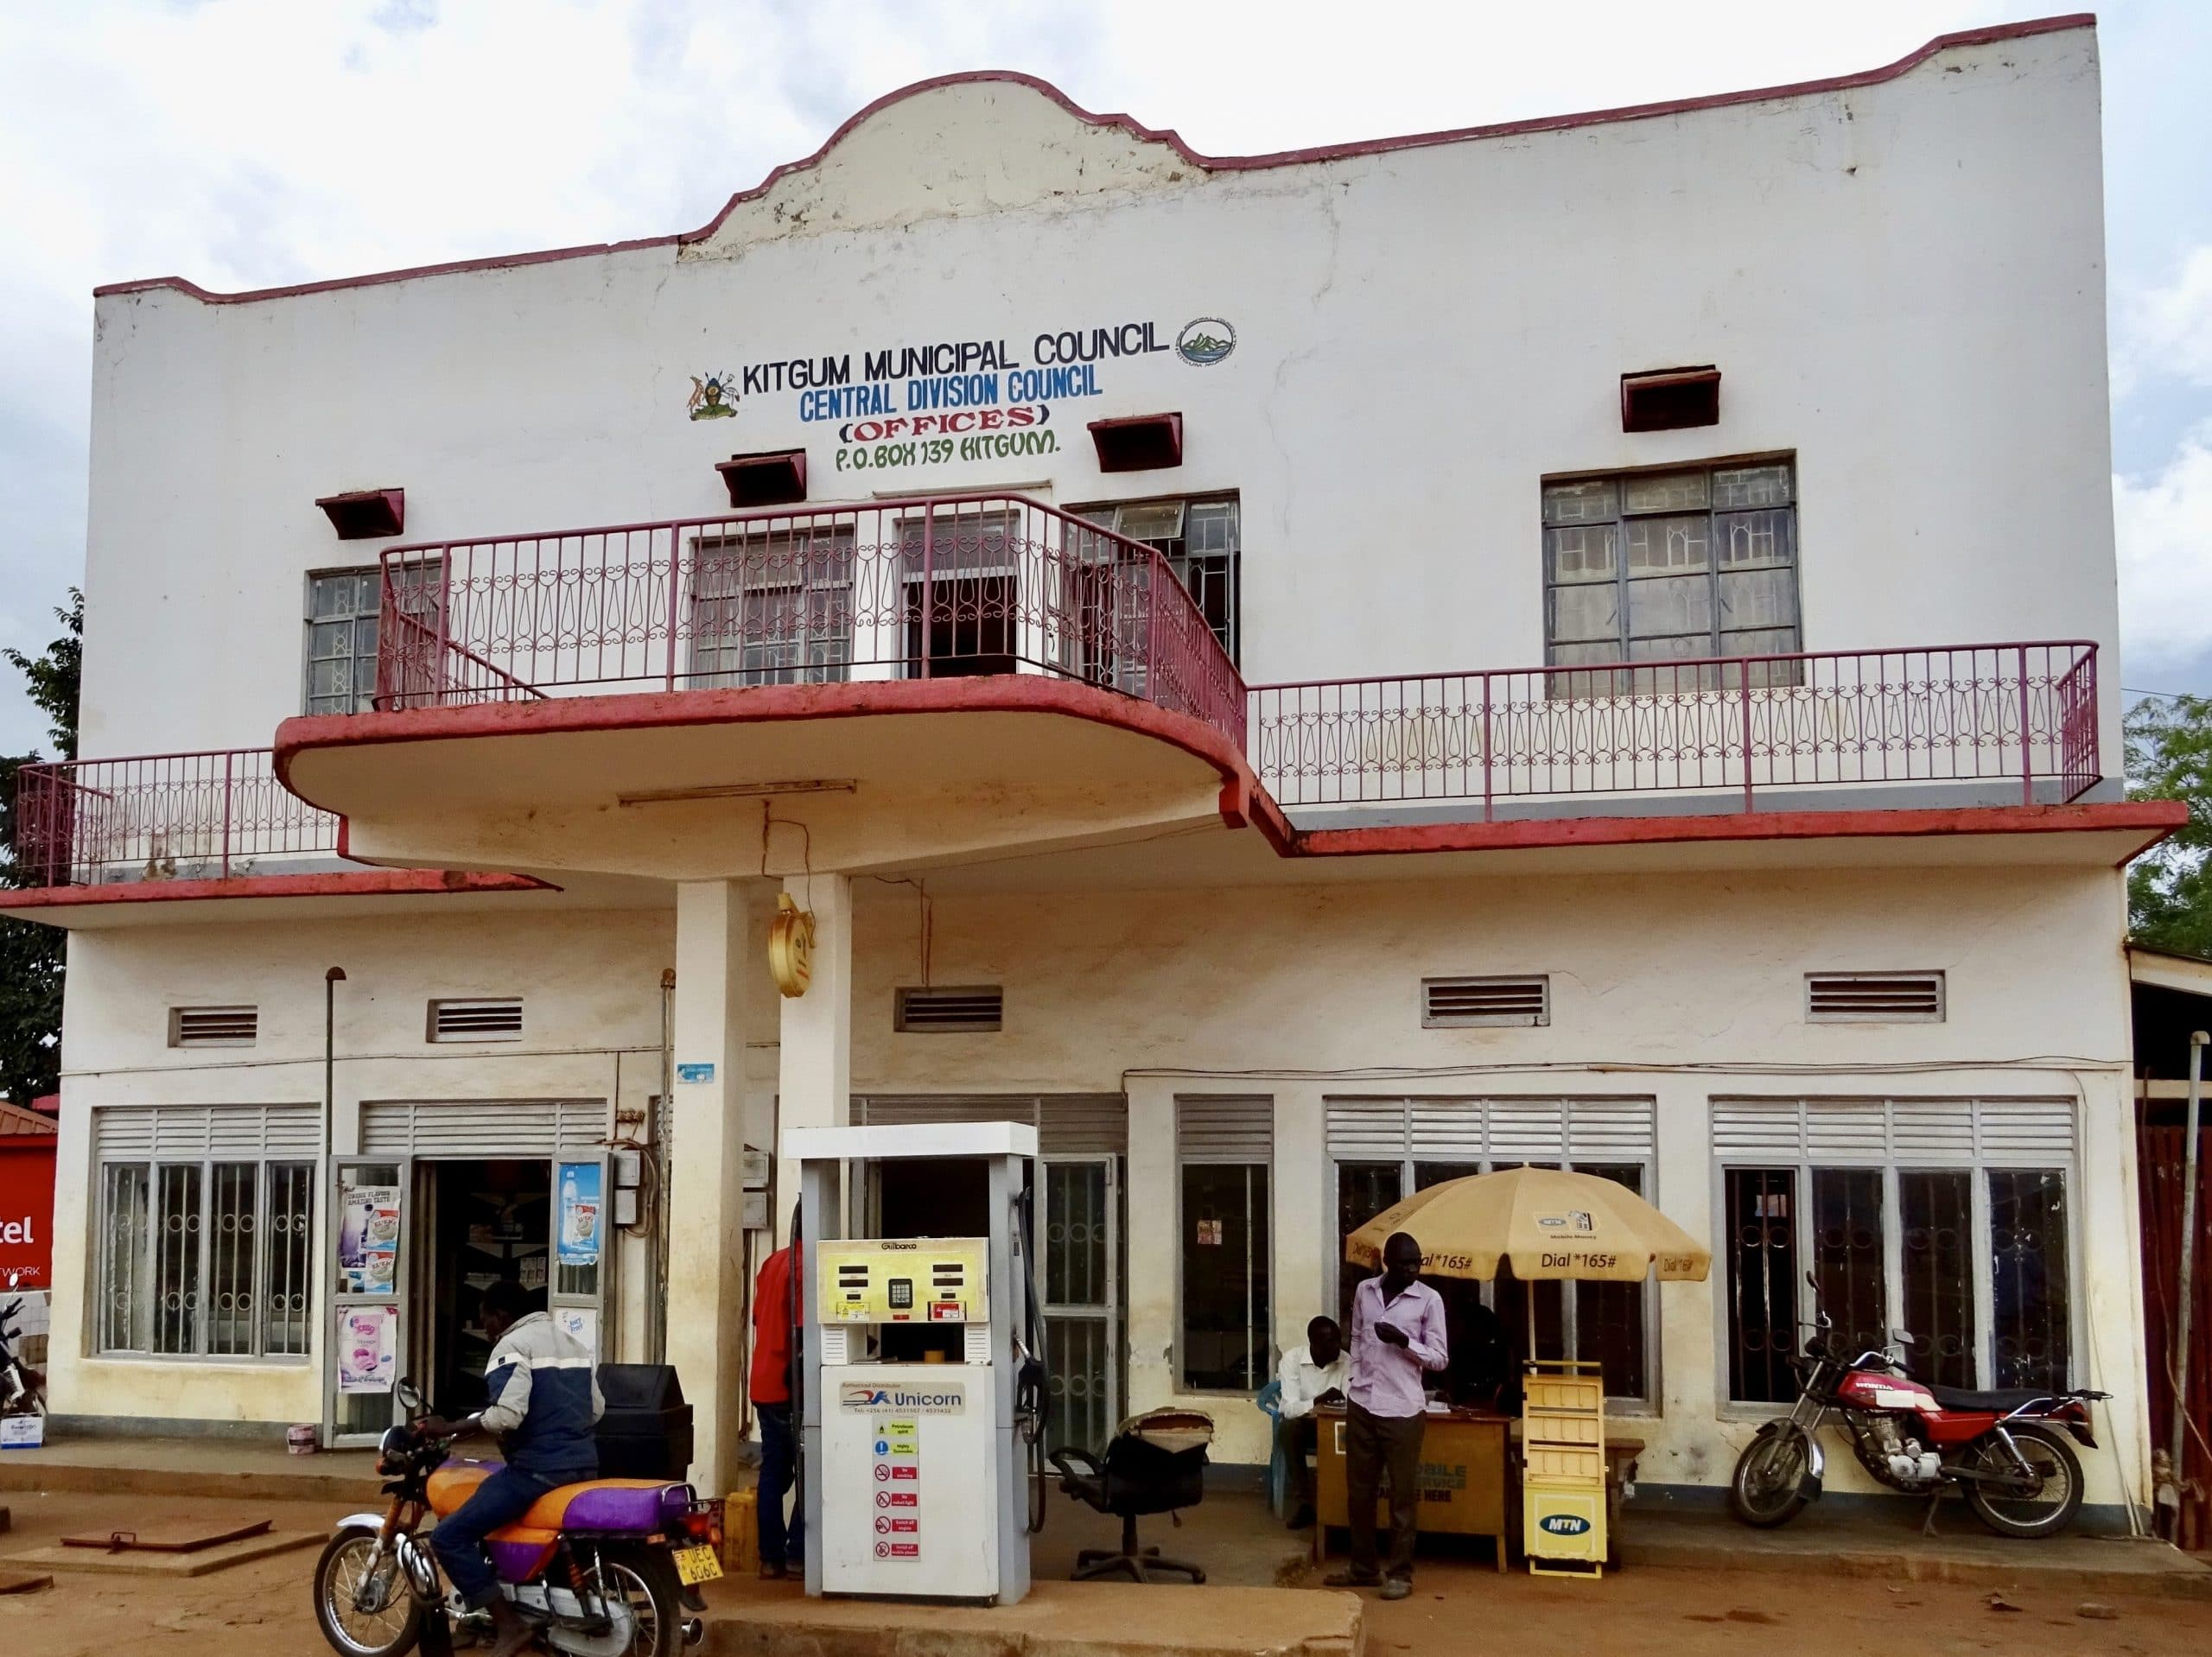 Het bescheiden stadhuis van Kitgum